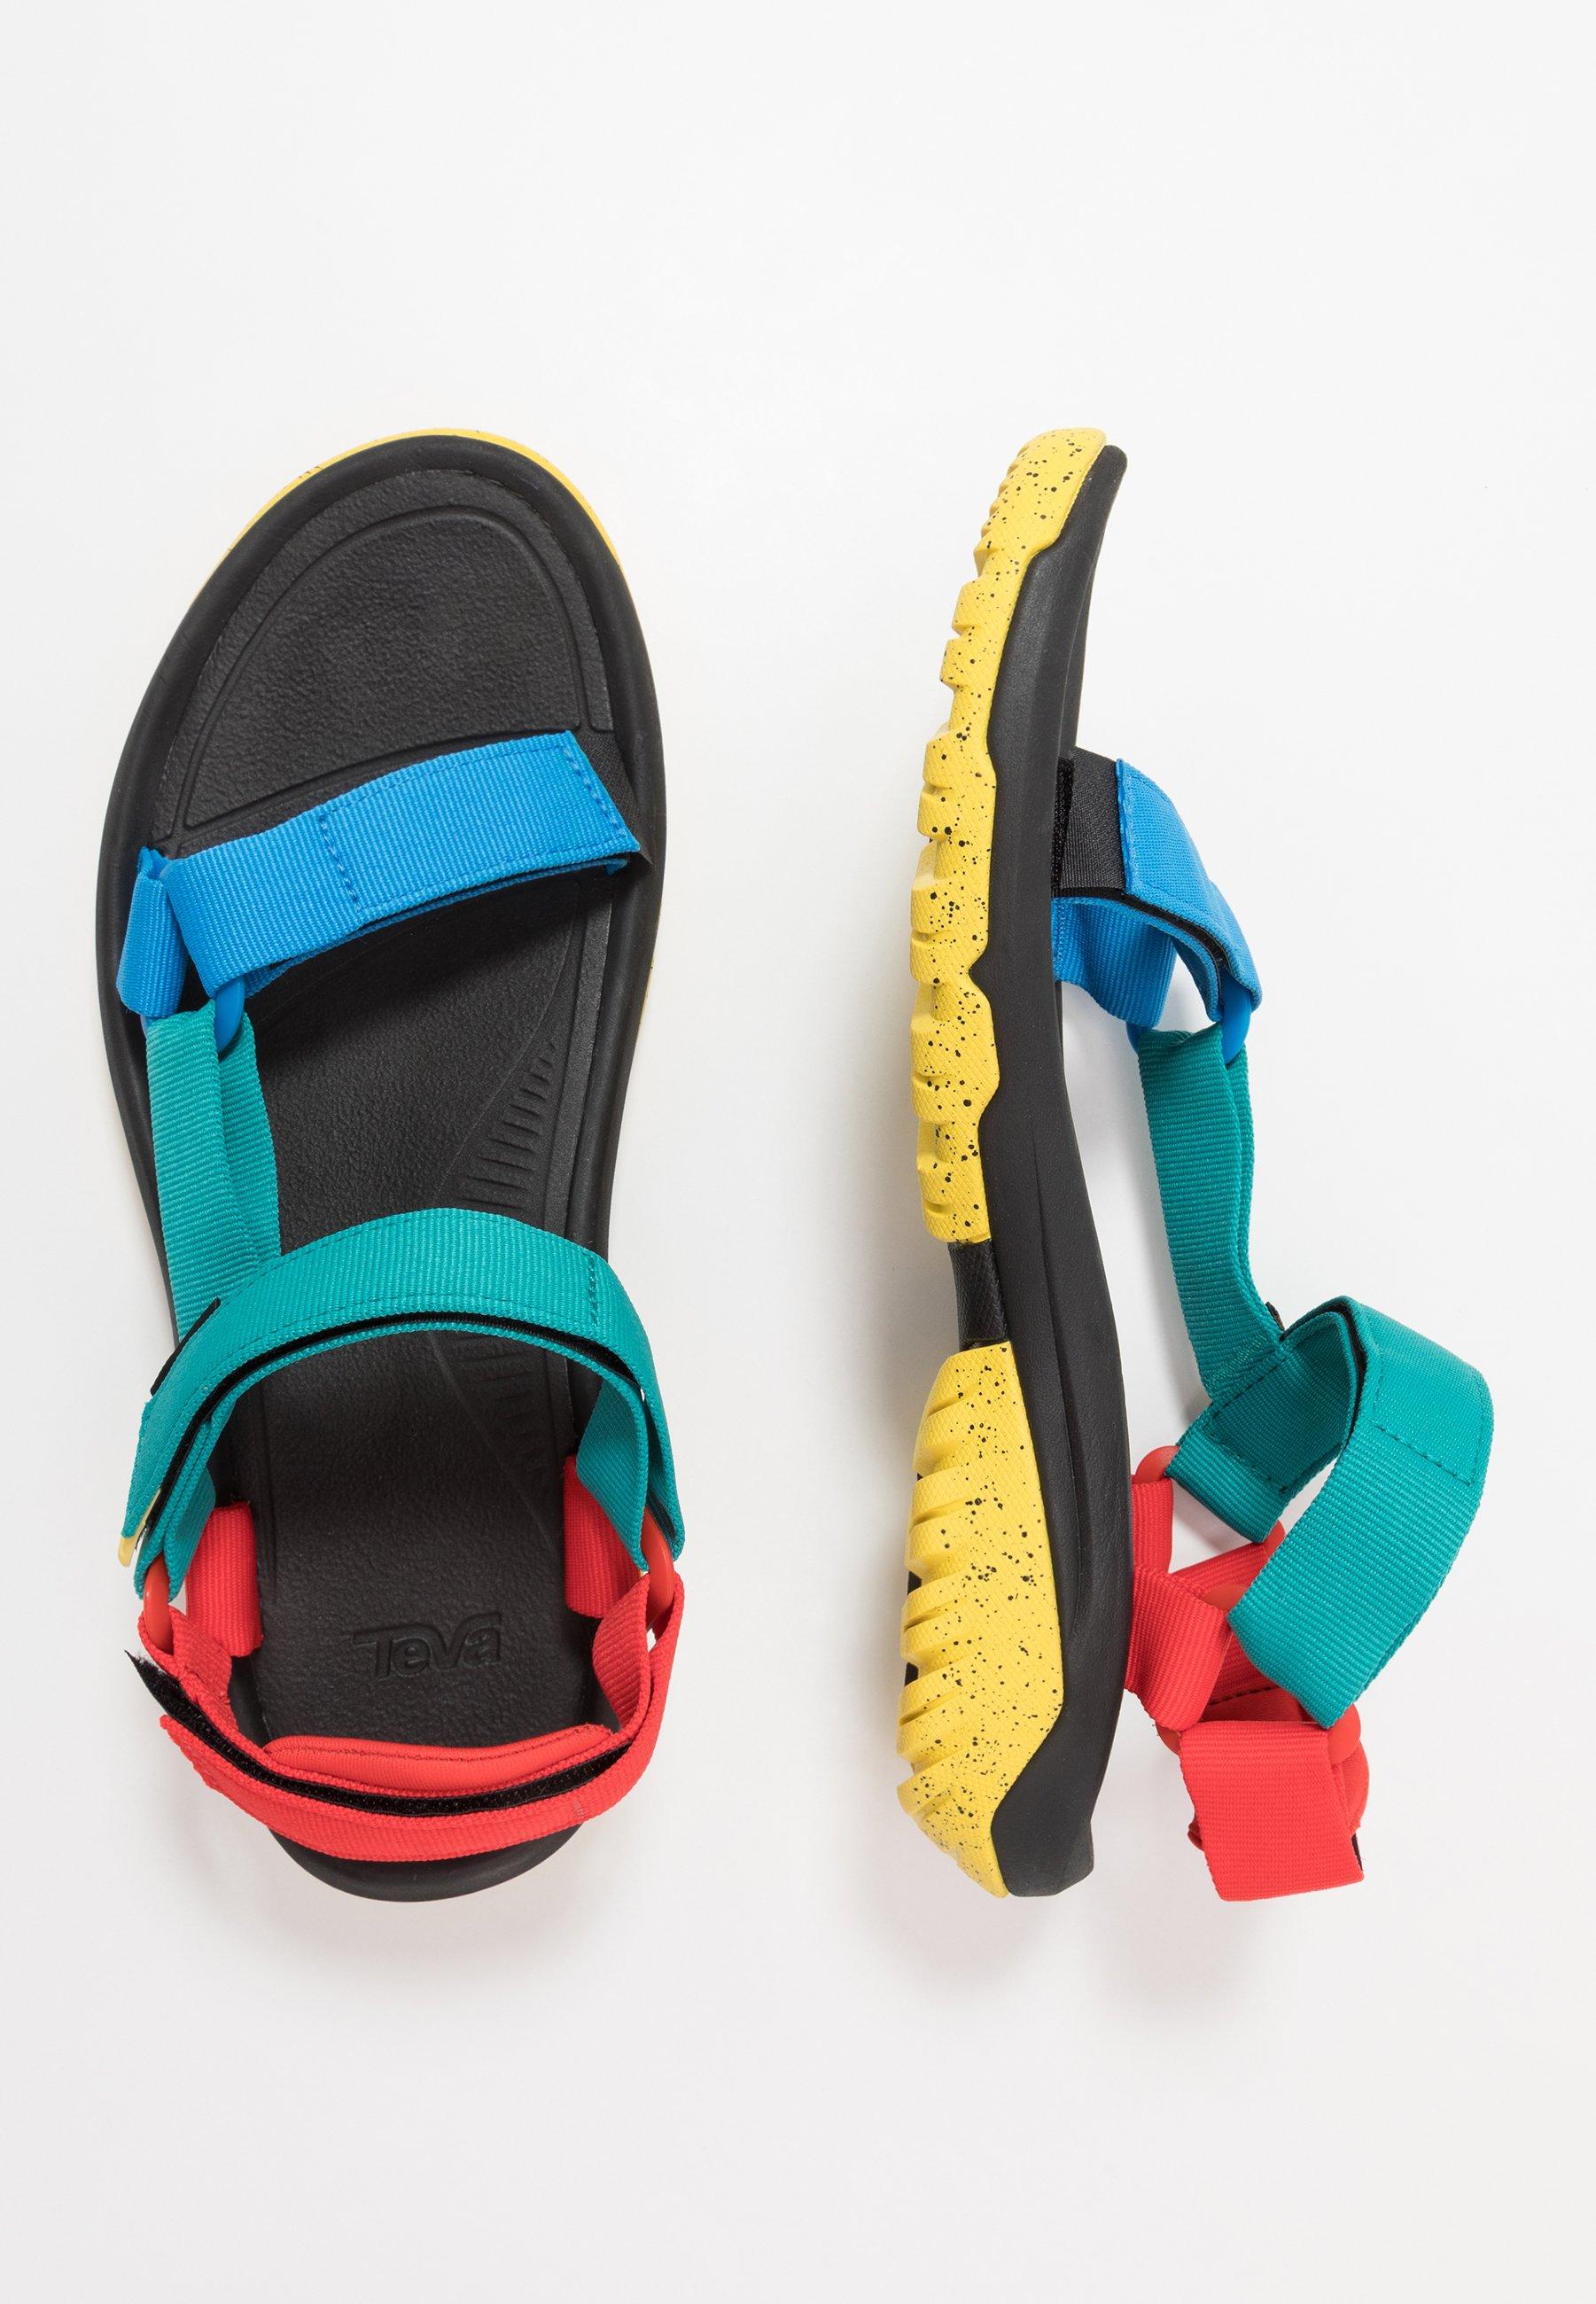 Teva Hurricane Xlt2 - Sandali Da Trekking Multicolor Nn3acQy